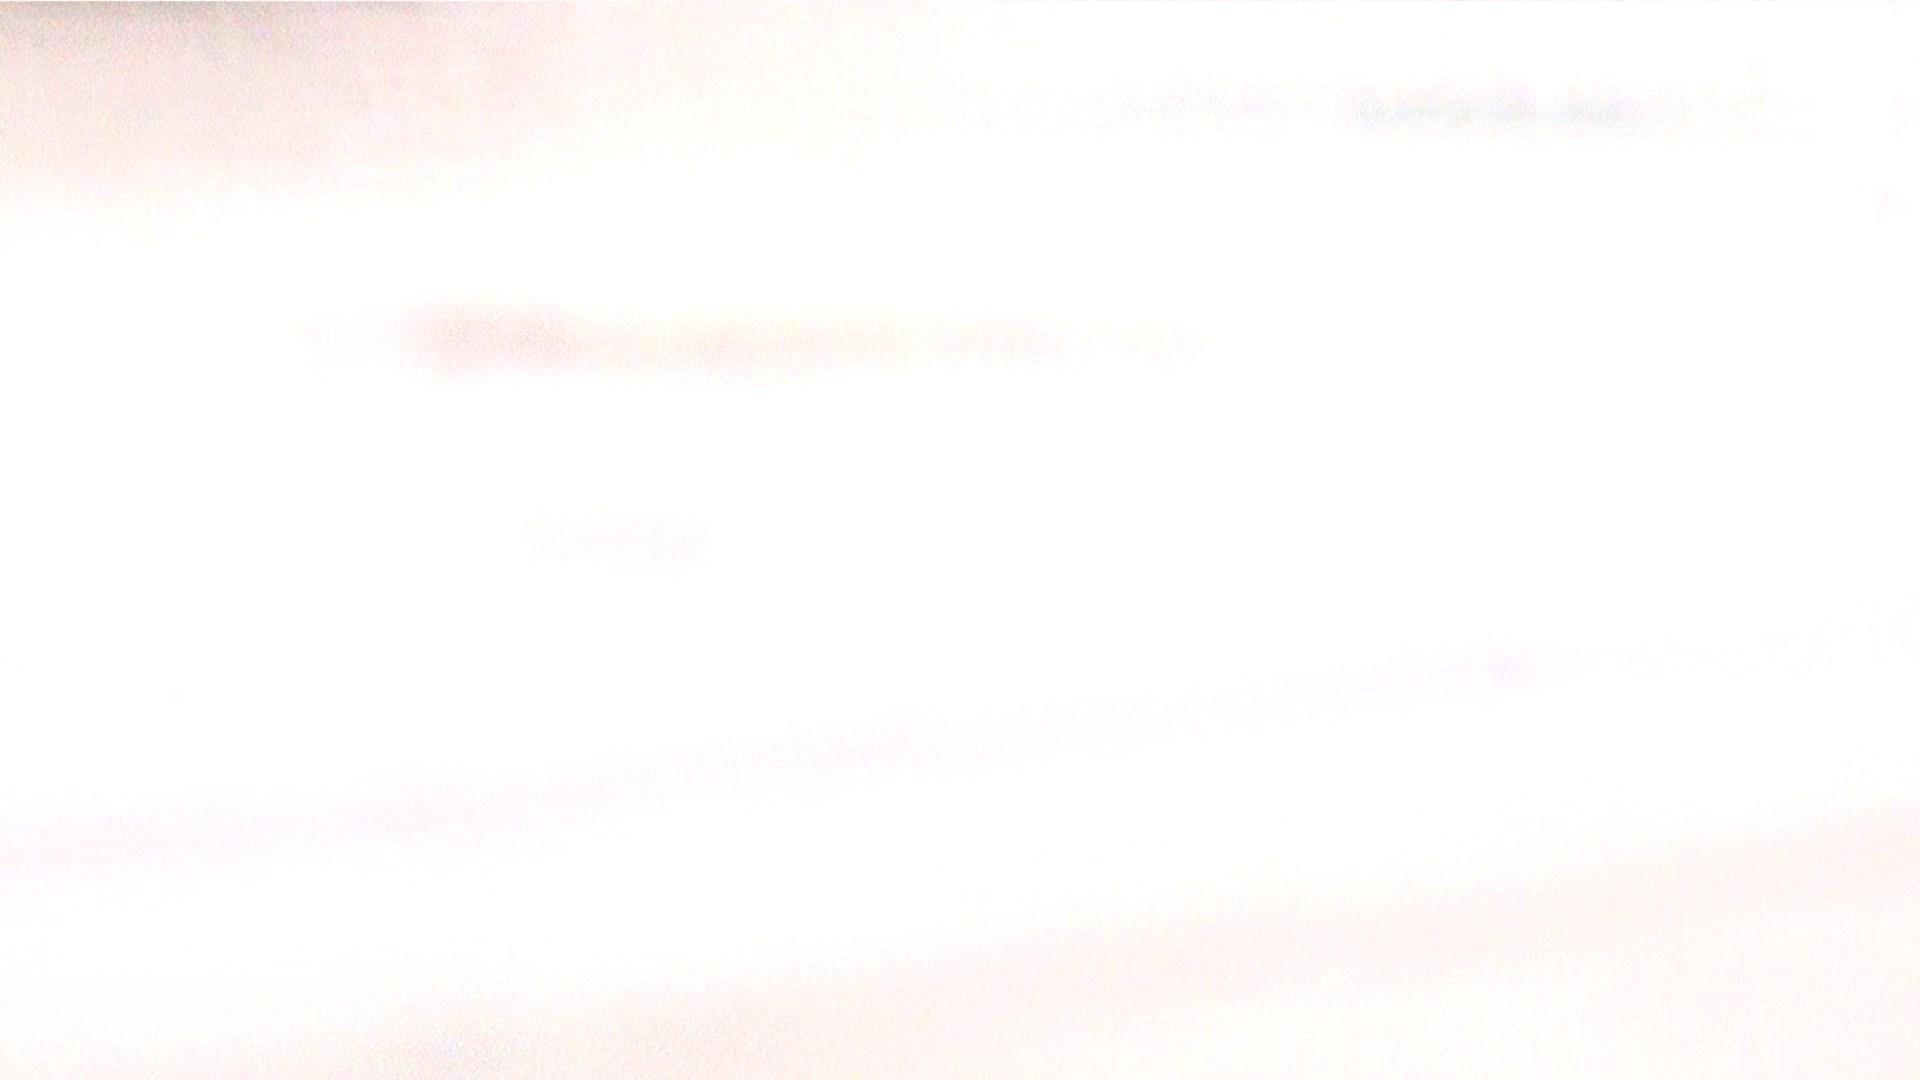 ※100個限定販売 至高下半身盗撮 プレミアム Vol.24 ハイビジョン 盗撮  101PIX 46